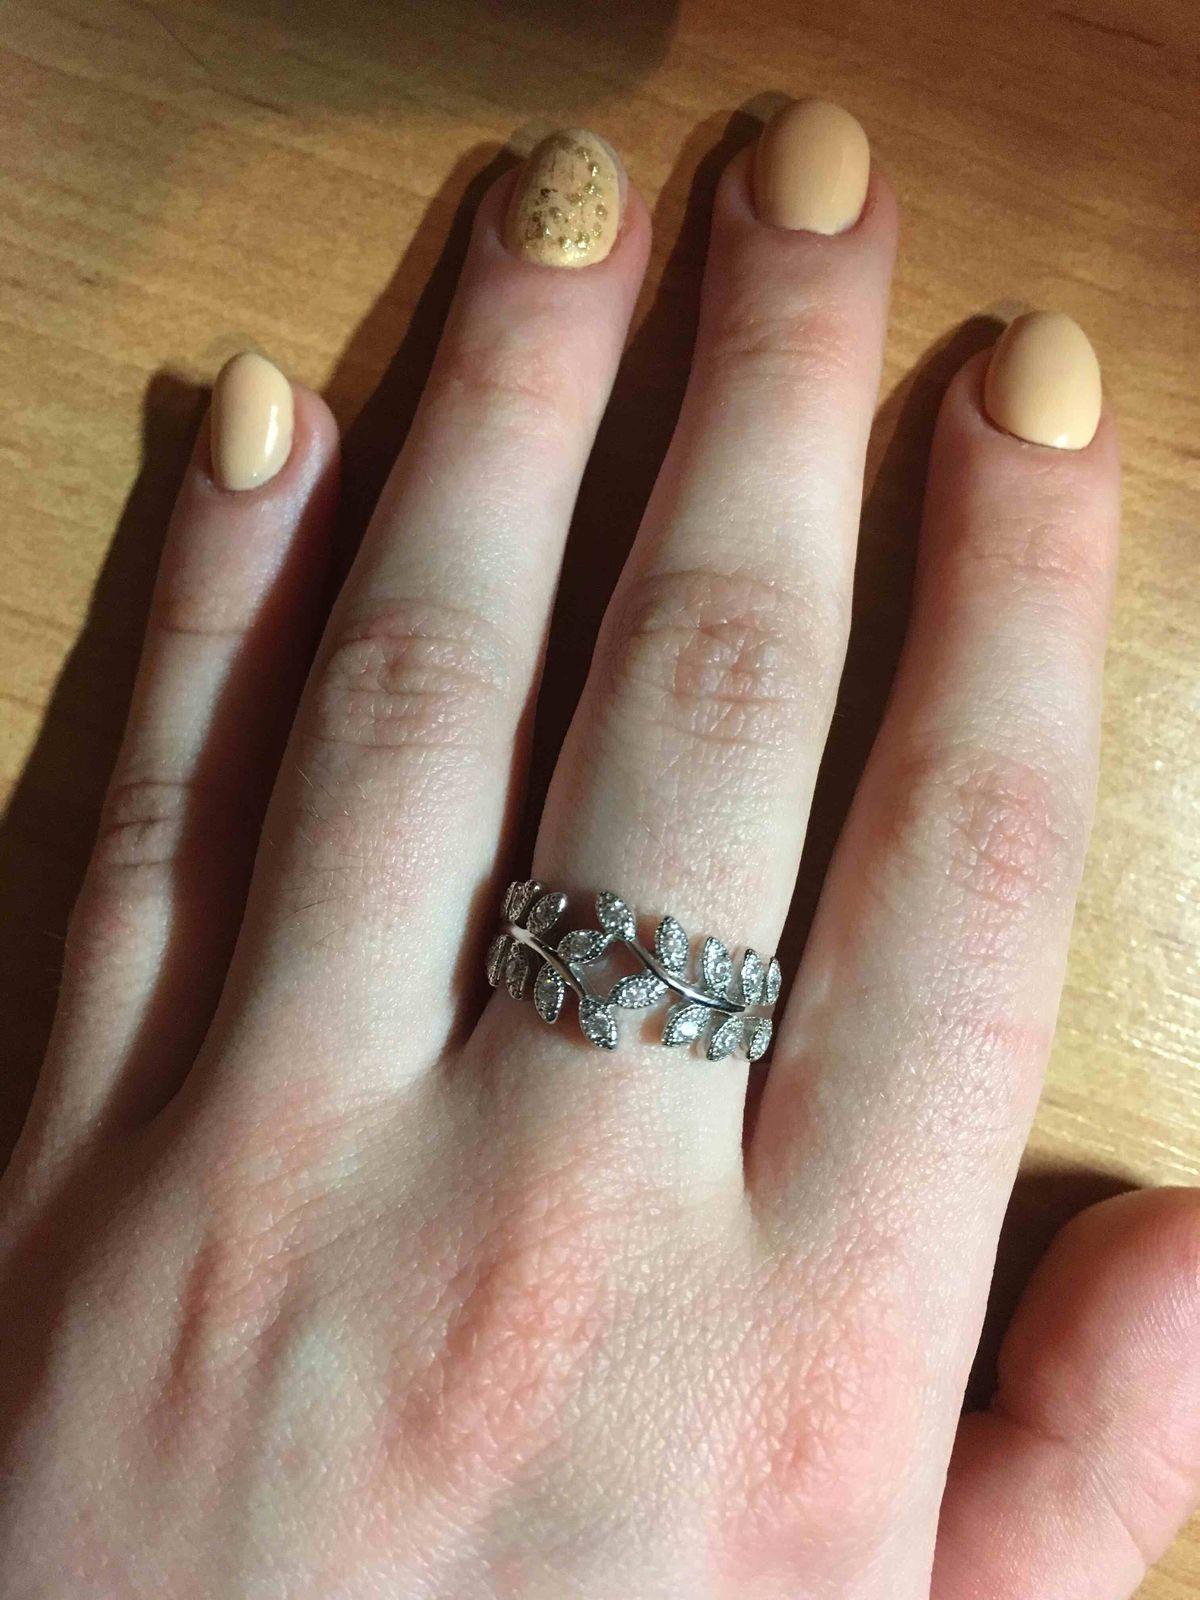 Замечательное кольцо, подойдет ко многим образам